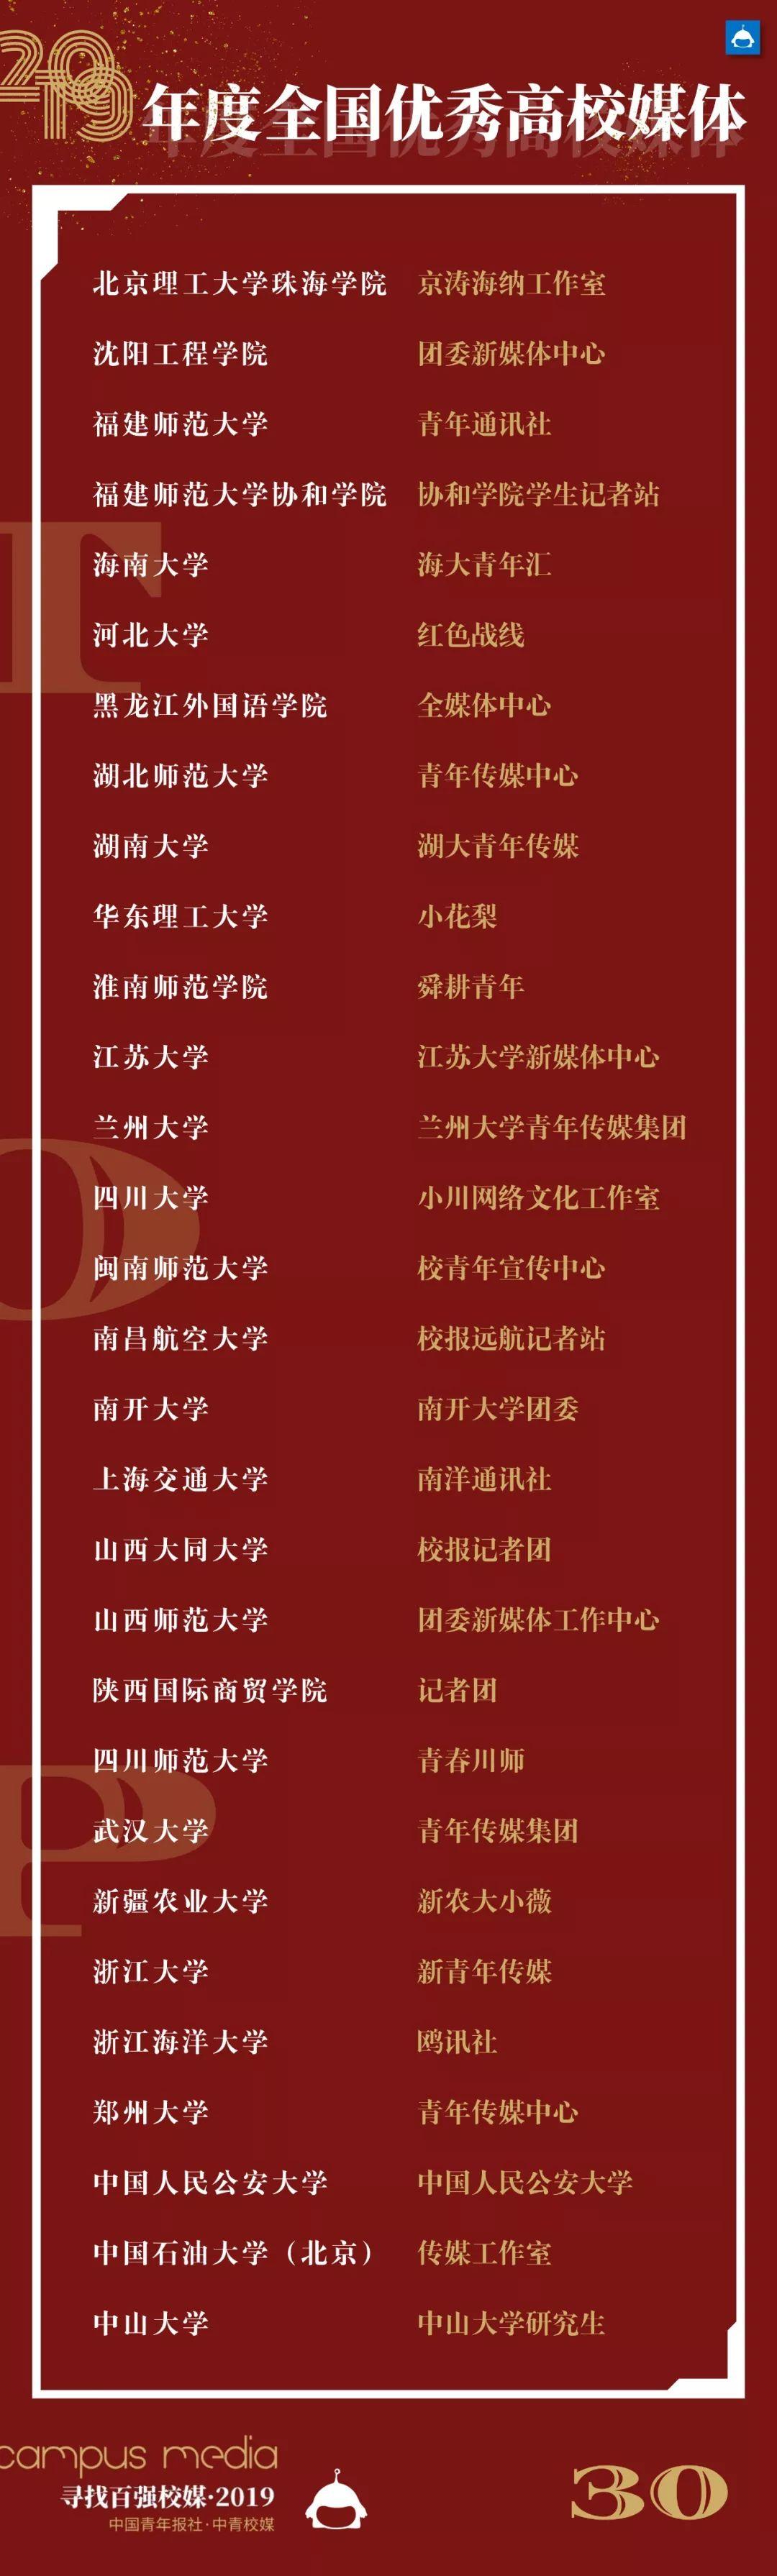 2019年度全国百强校媒,来了!